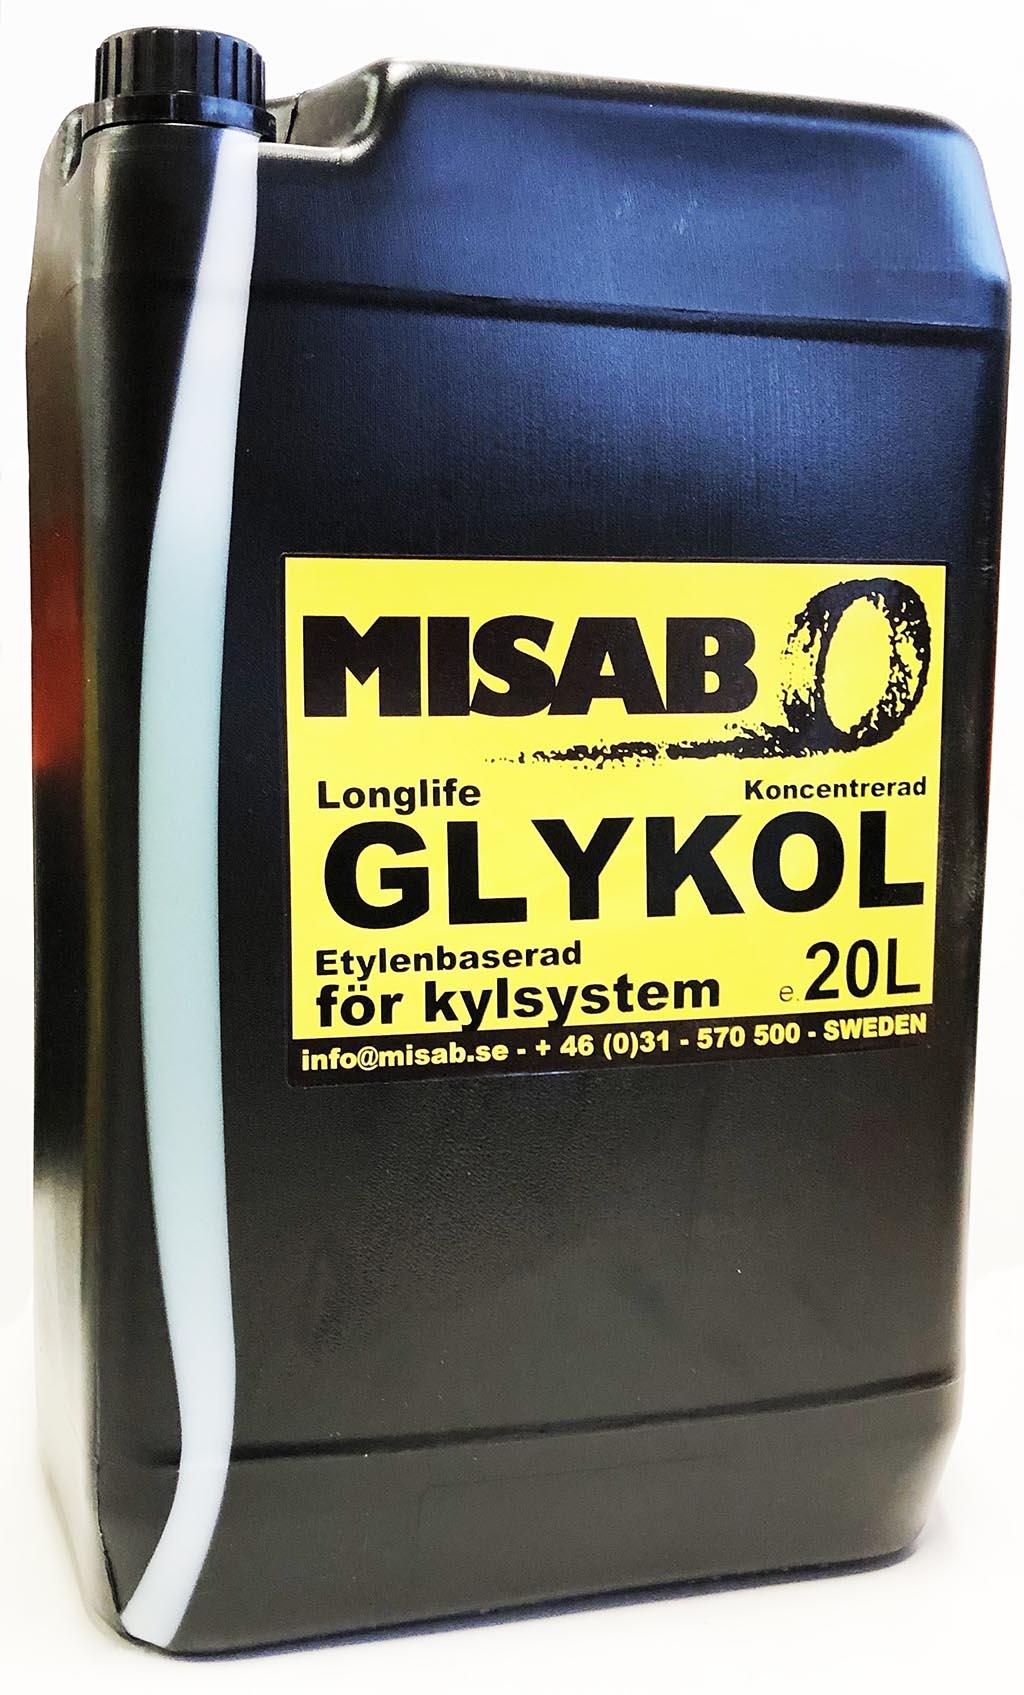 MISAB GLYKOL LONGLIFE